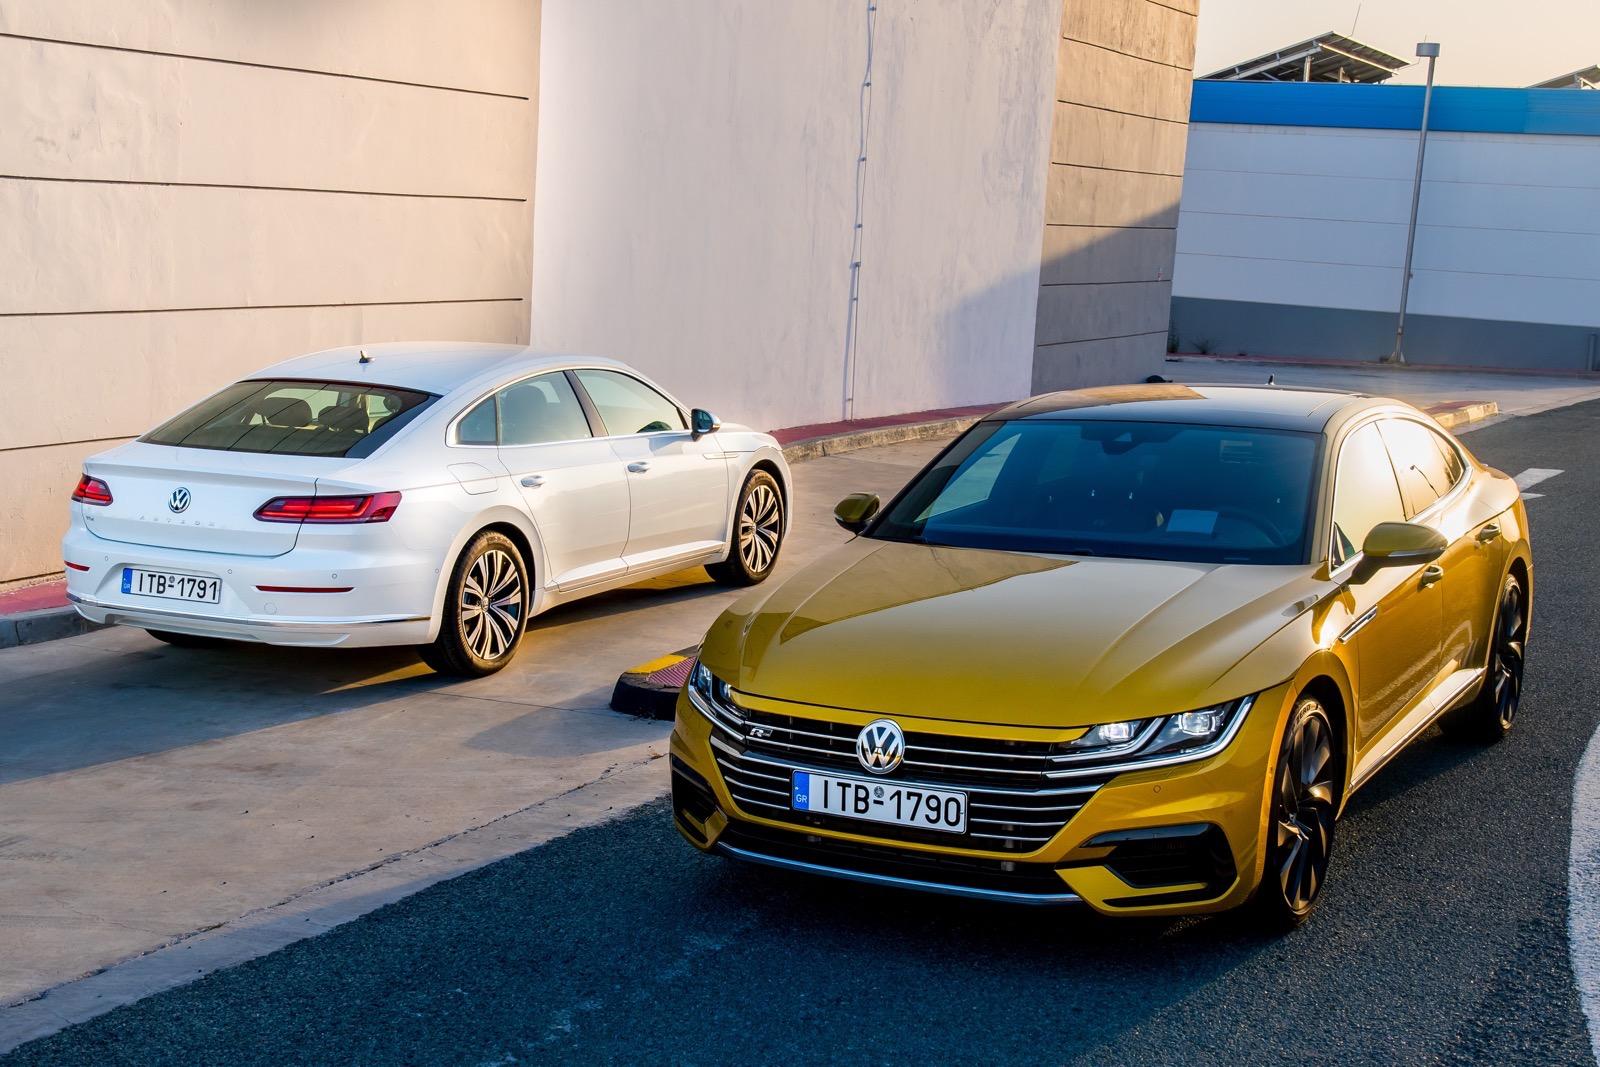 Volkswagen_Arteon_Greek_Presentataion_13